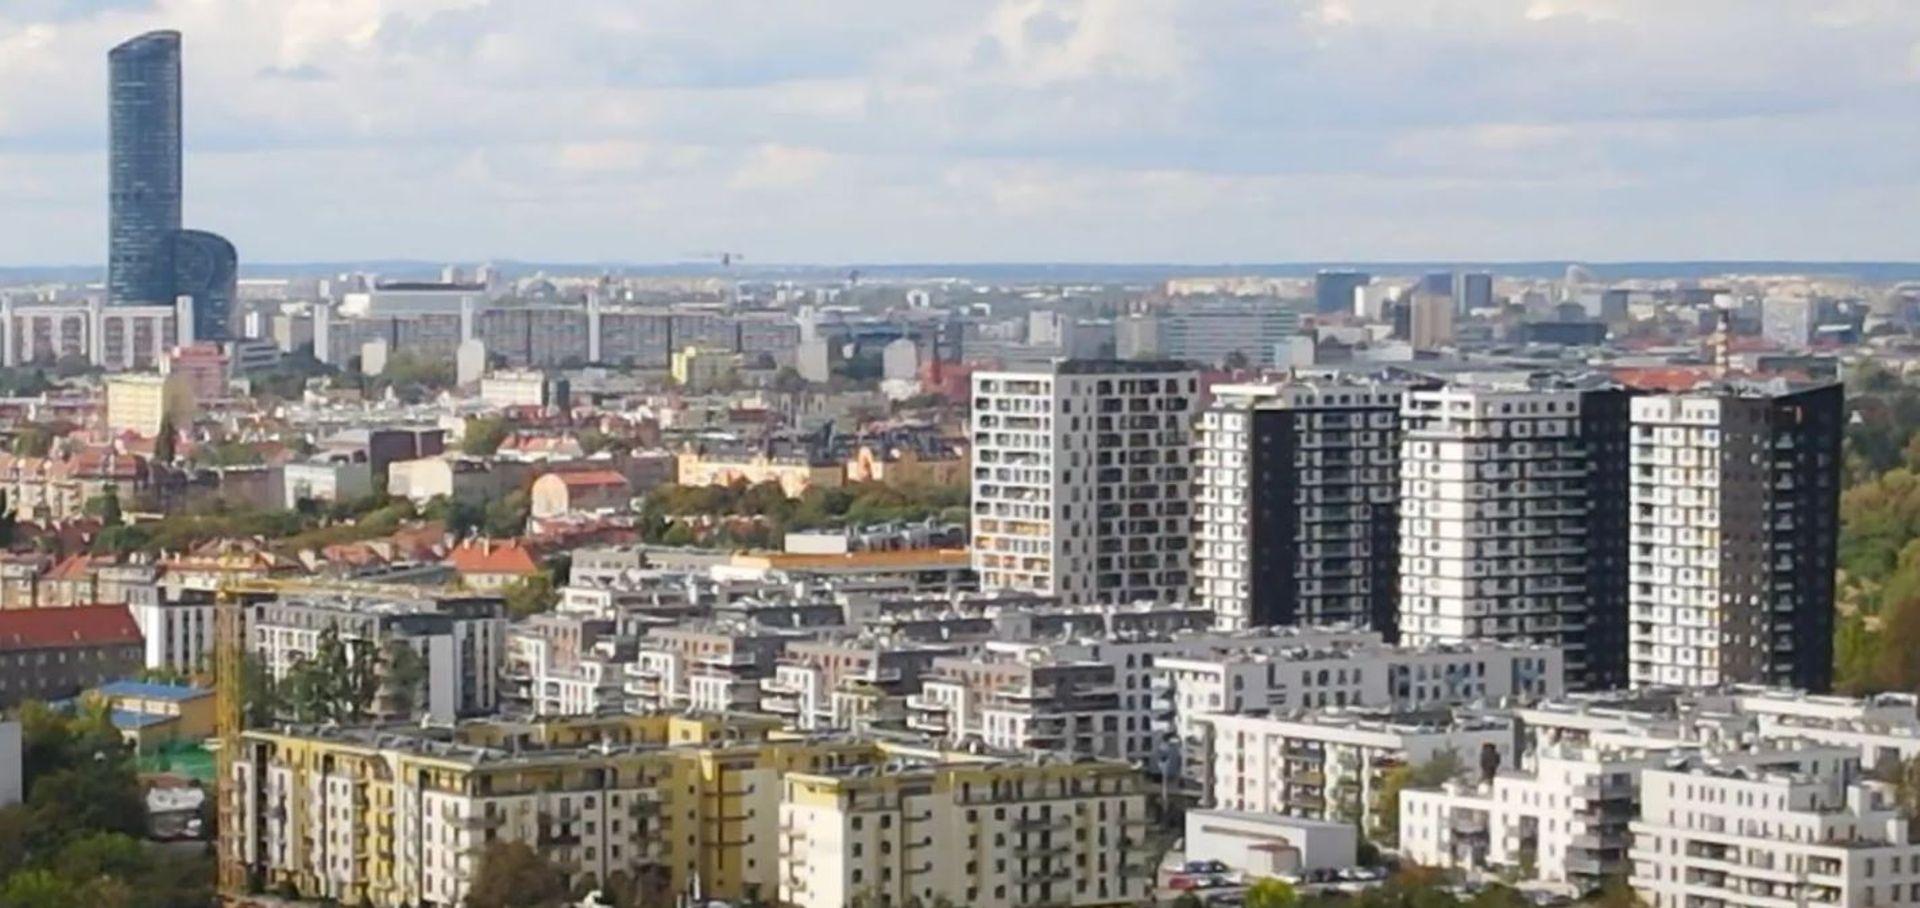 Duży wybór mieszkań, stabilne ceny i brak niespodzianek na rynku pierwotnym we Wrocławiu